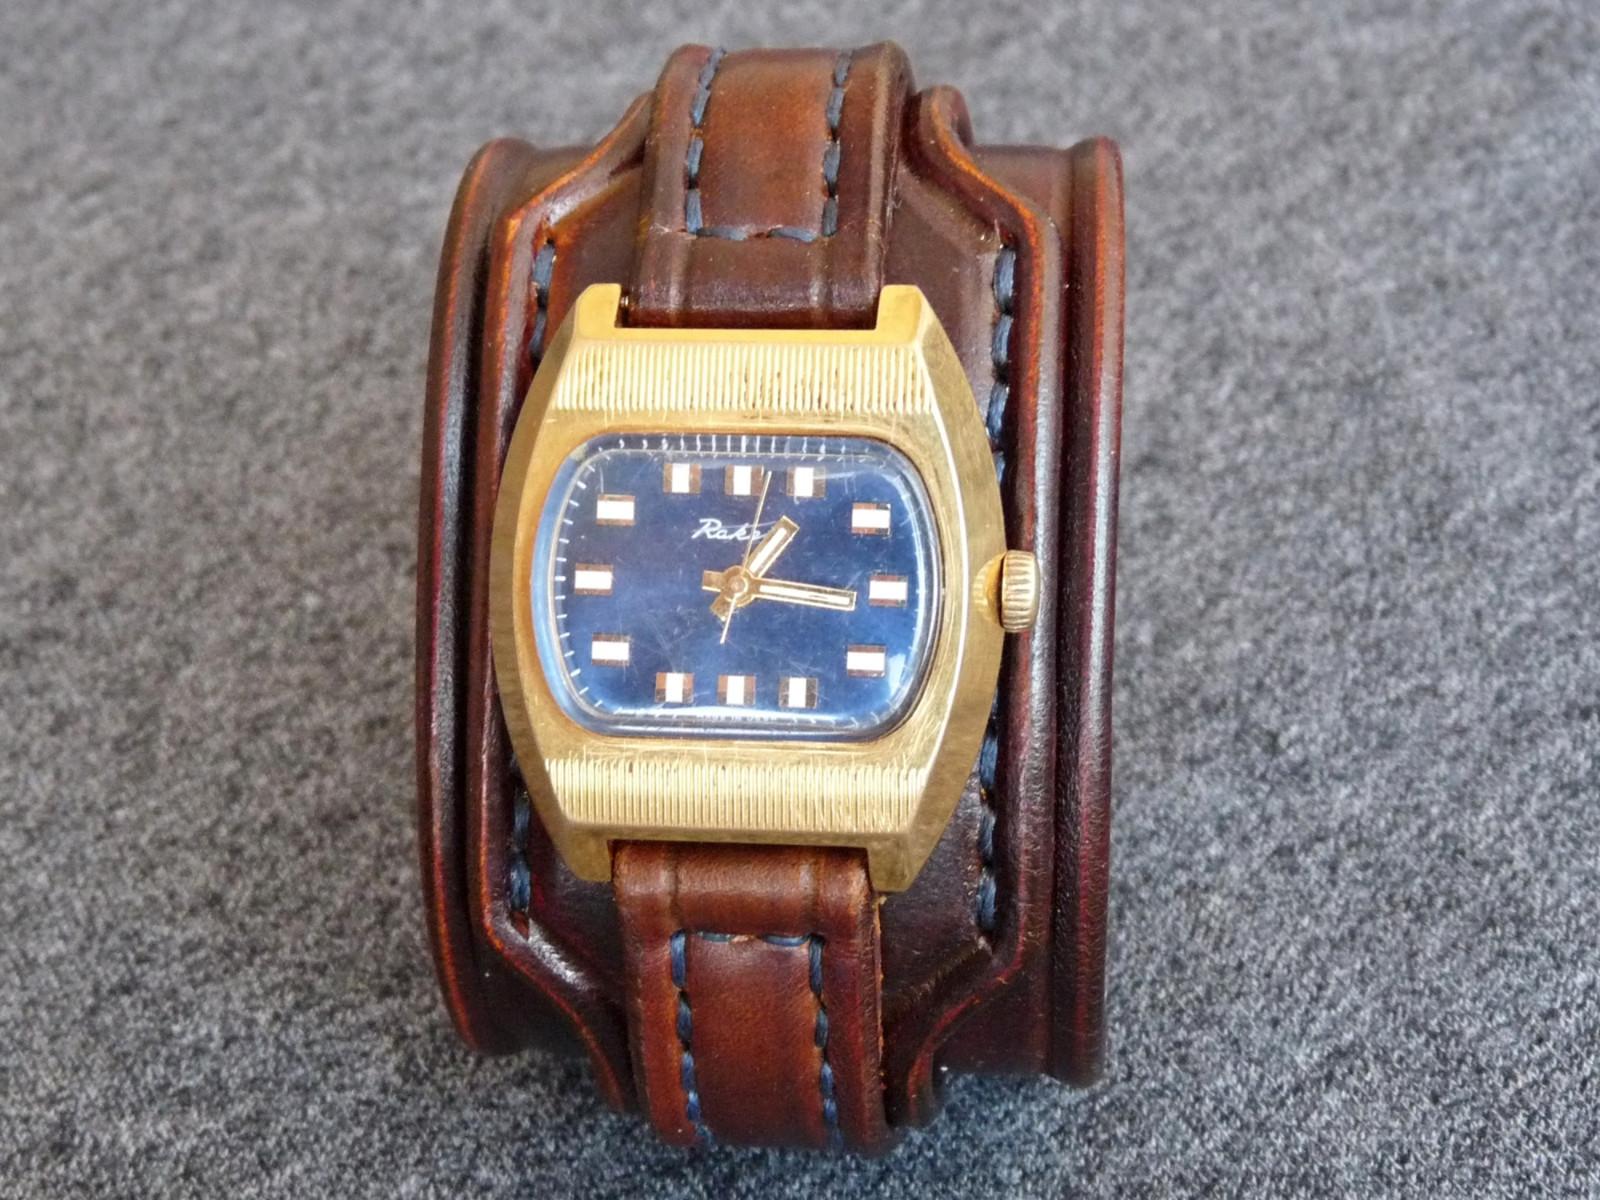 294dd4aebbe Černý kožený pásek na hodinky RAKETA   Zboží prodejce leon6